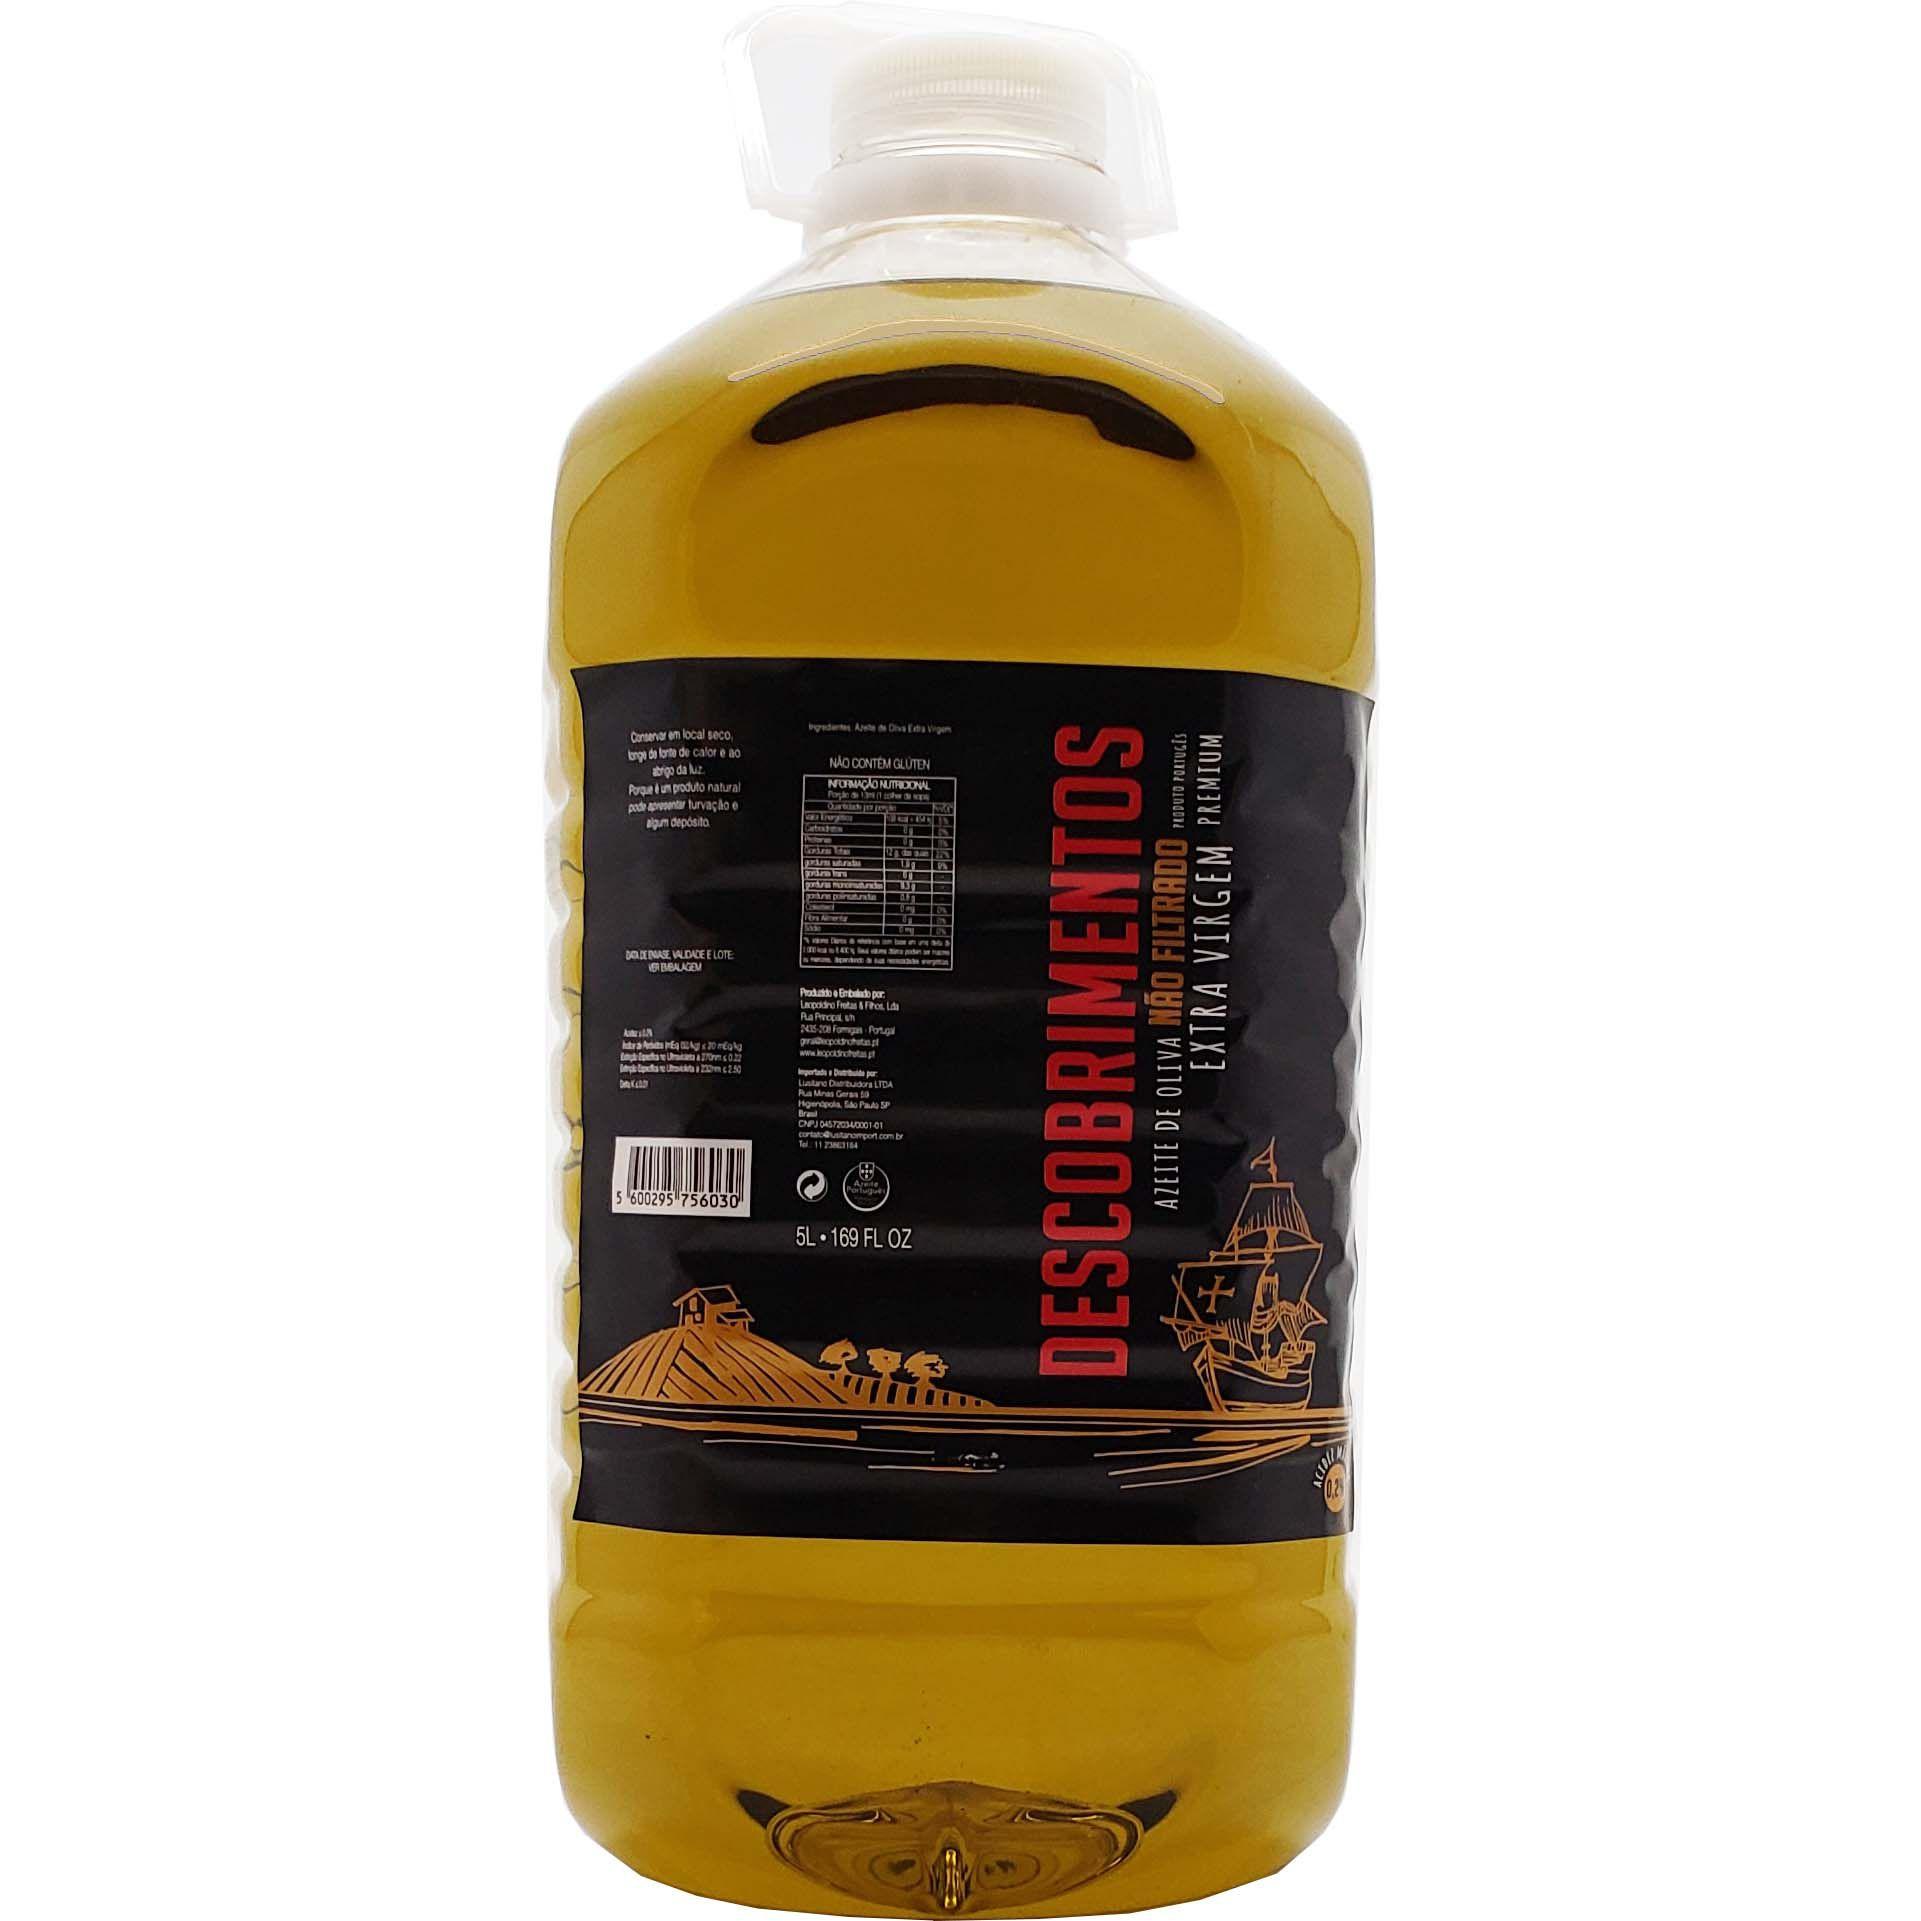 Azeite de Oliva Extra Virgem Descobrimentos - 5L -